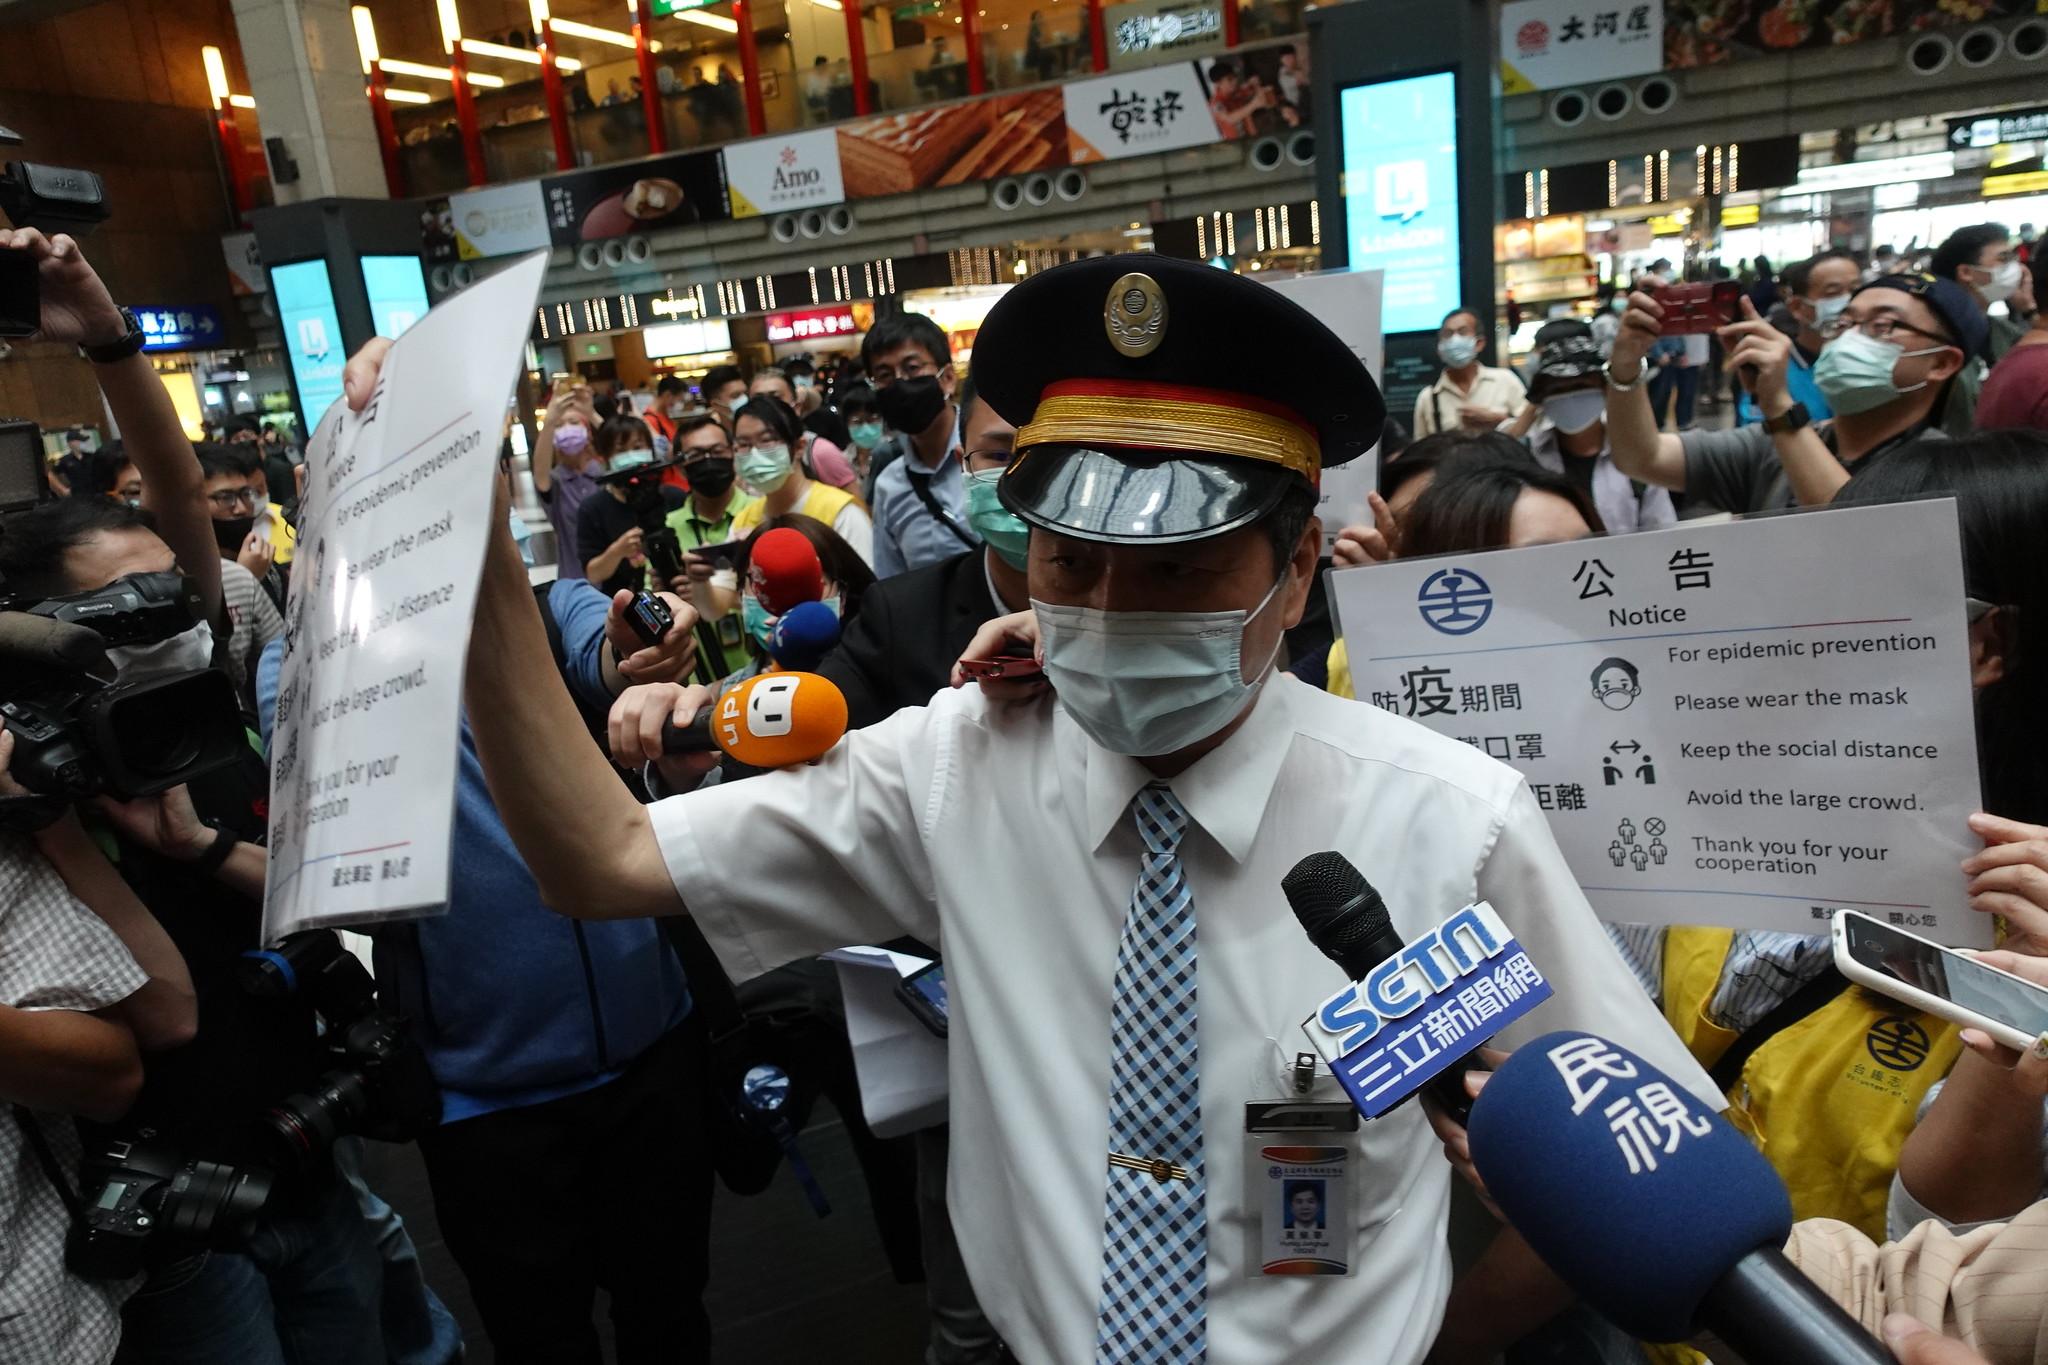 台北車站站長出面呼籲民眾避免群聚,應保持社交距離。(攝影:張智琦)